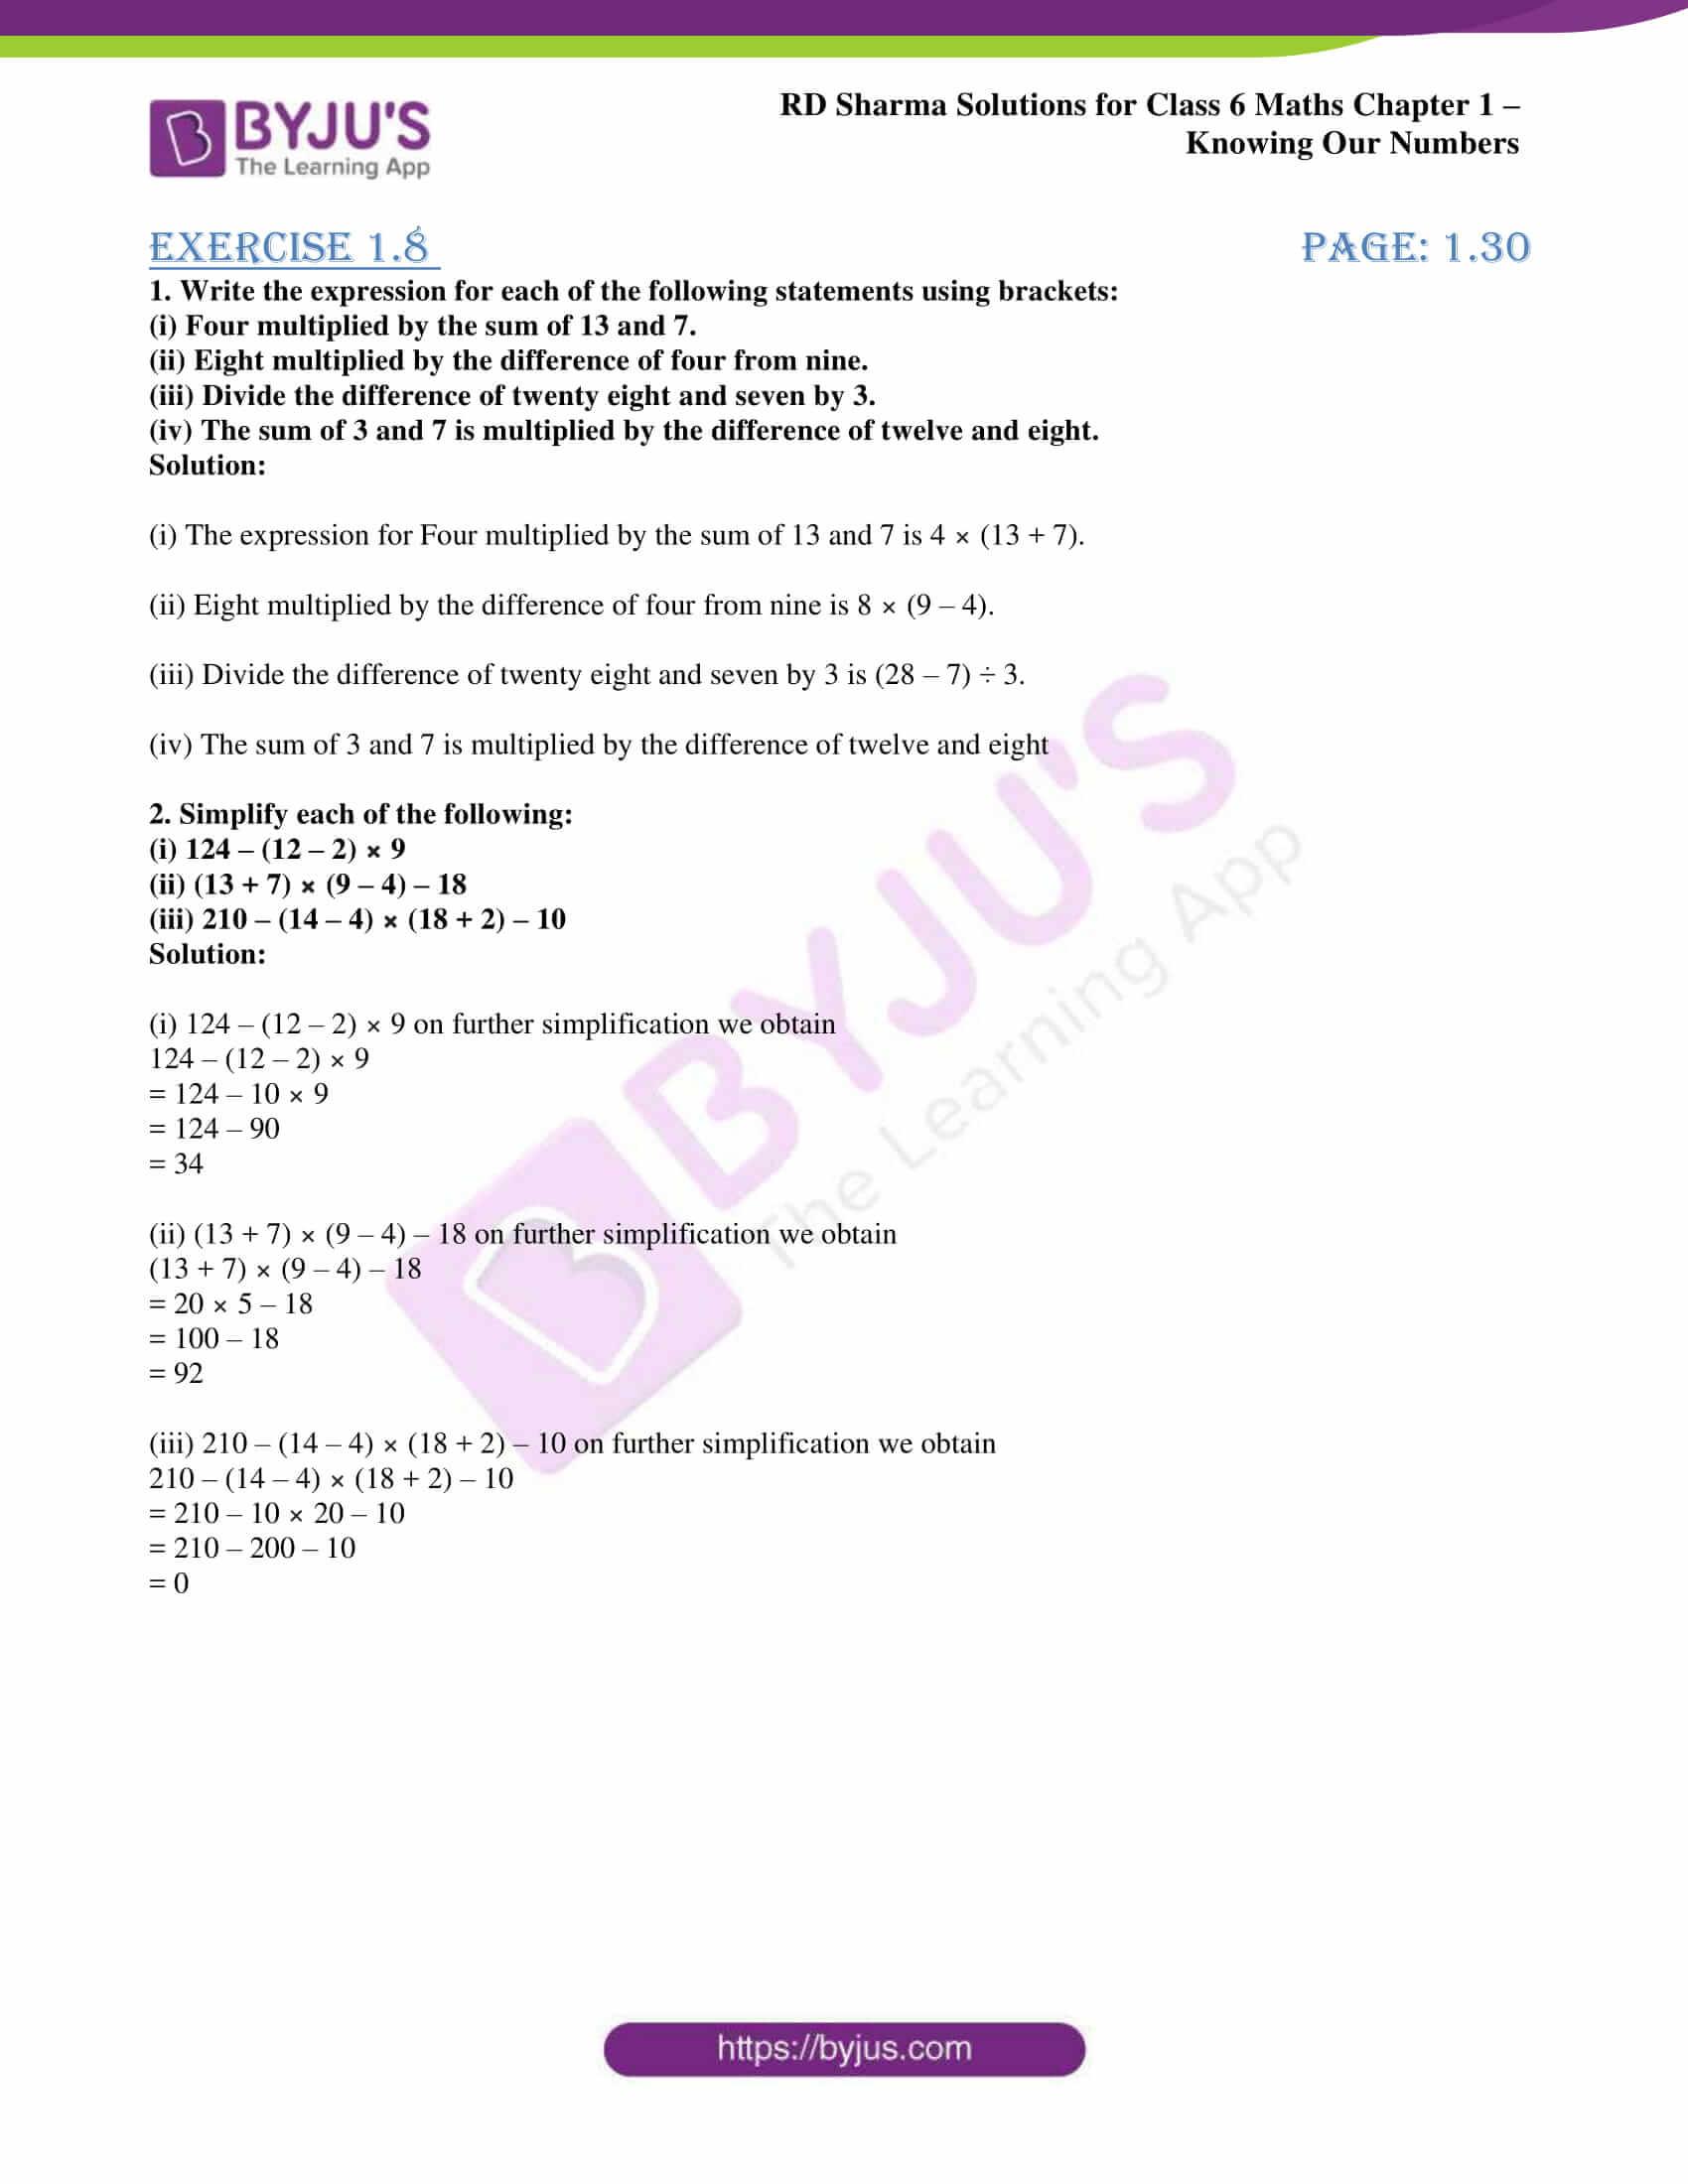 rd sharma solution class 6 maths chapter 1 ex 8